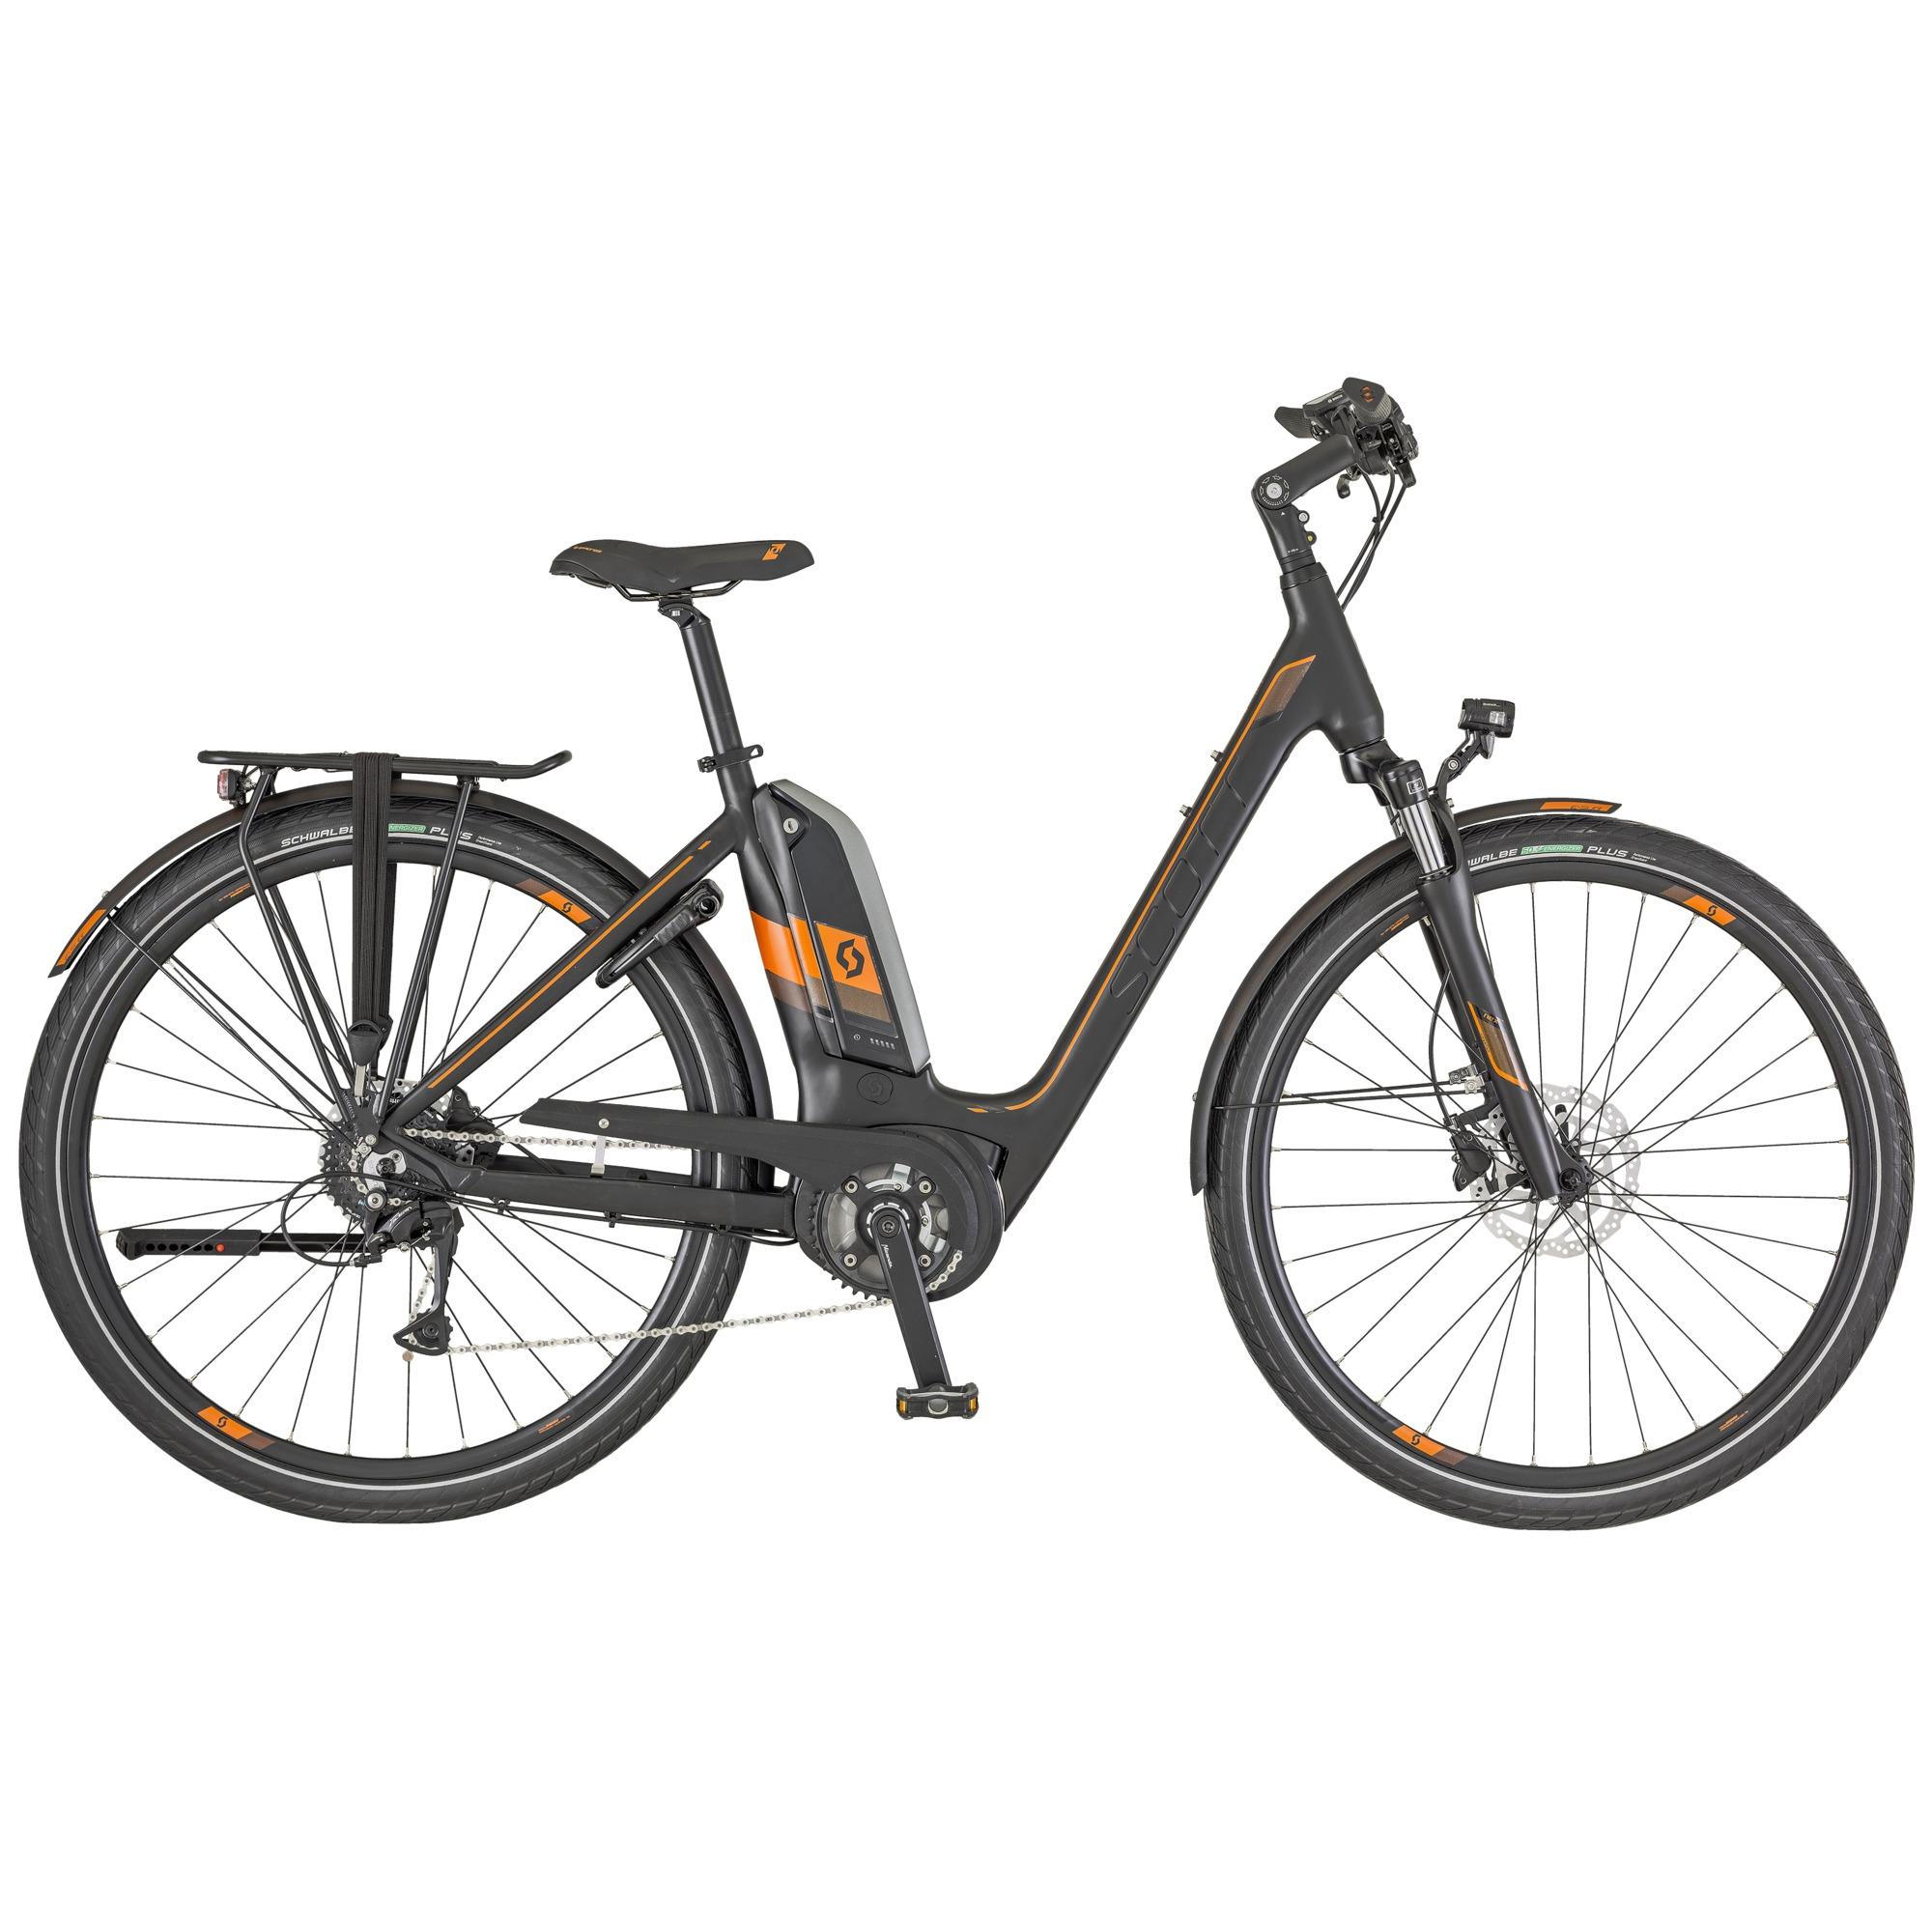 SCOTT E-Sub Active Unisex Bike M - Zweirad Homann